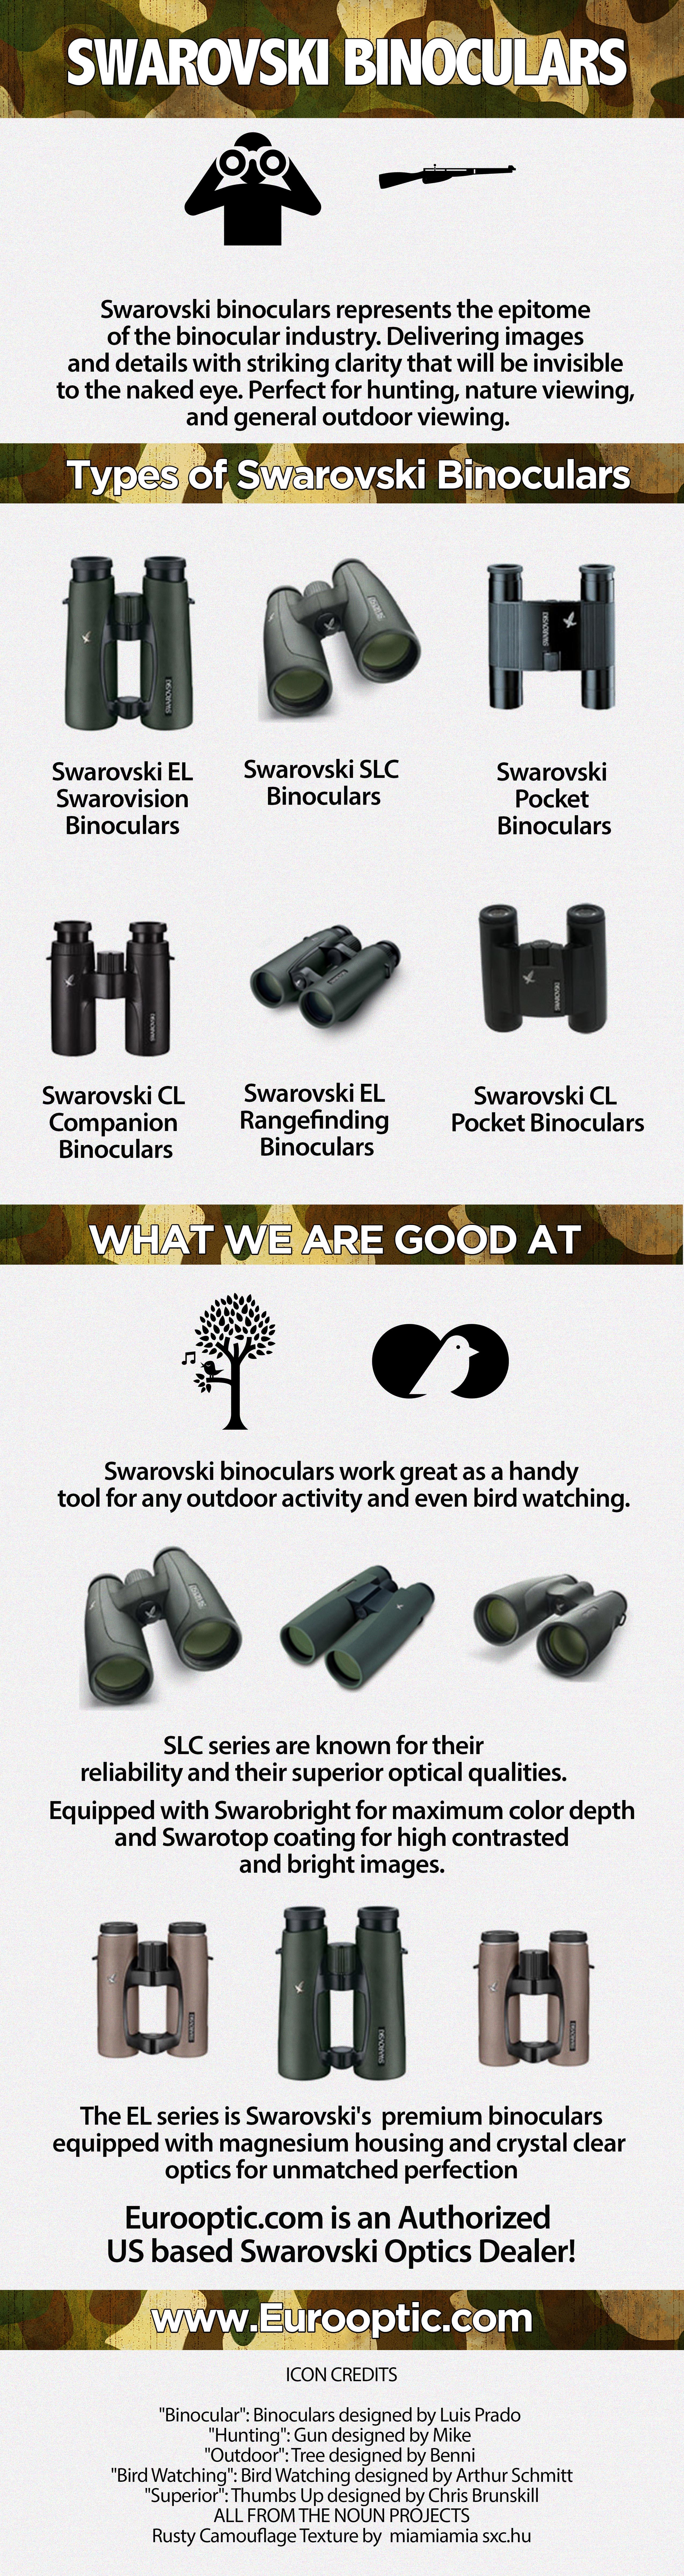 Swarovski-Bicnoculars